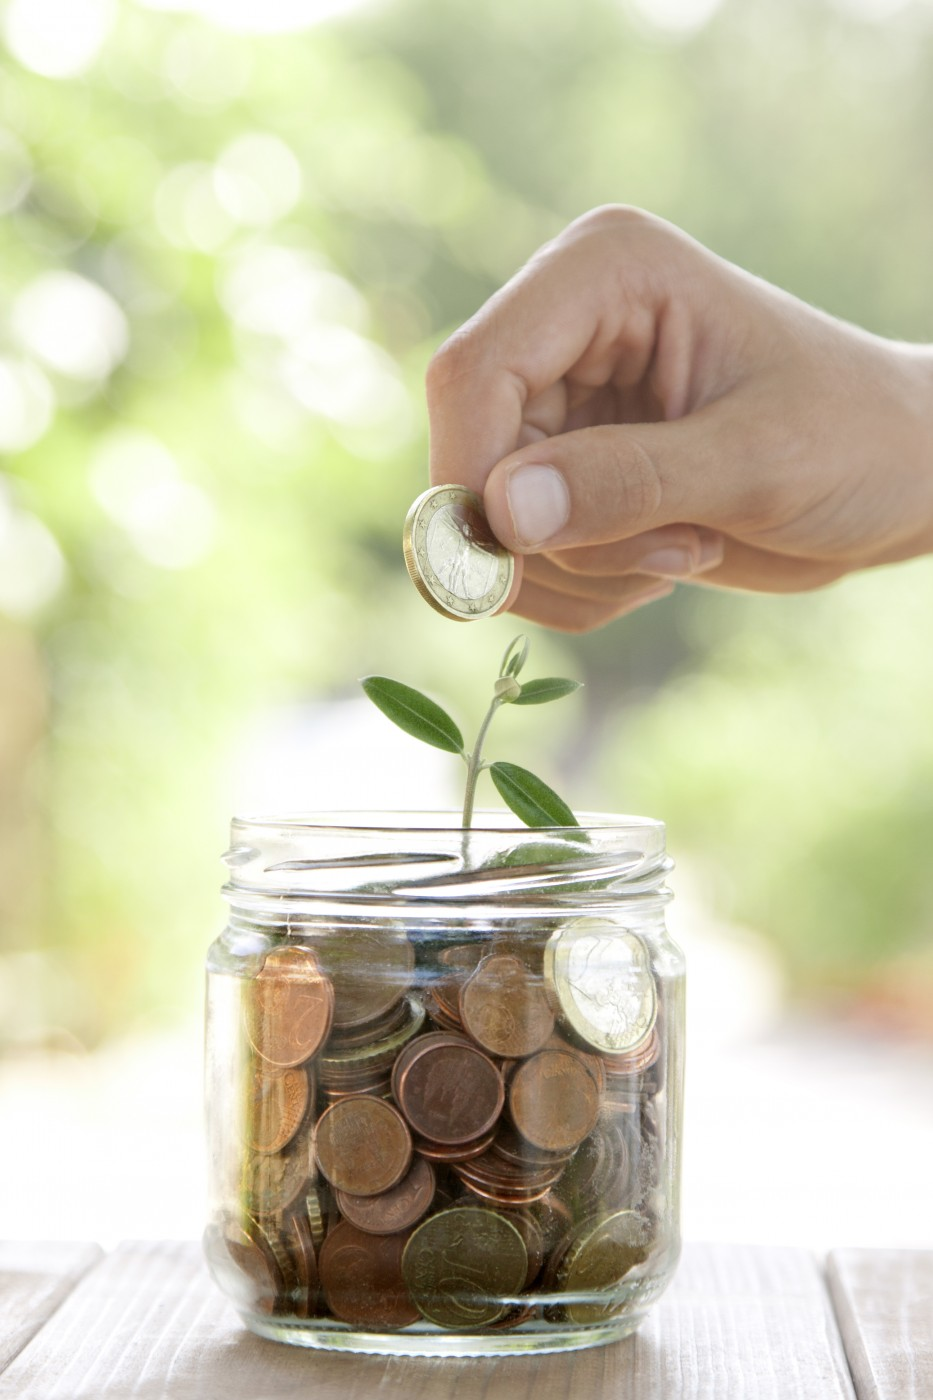 Blacktower Financial Management (Int) Ltd